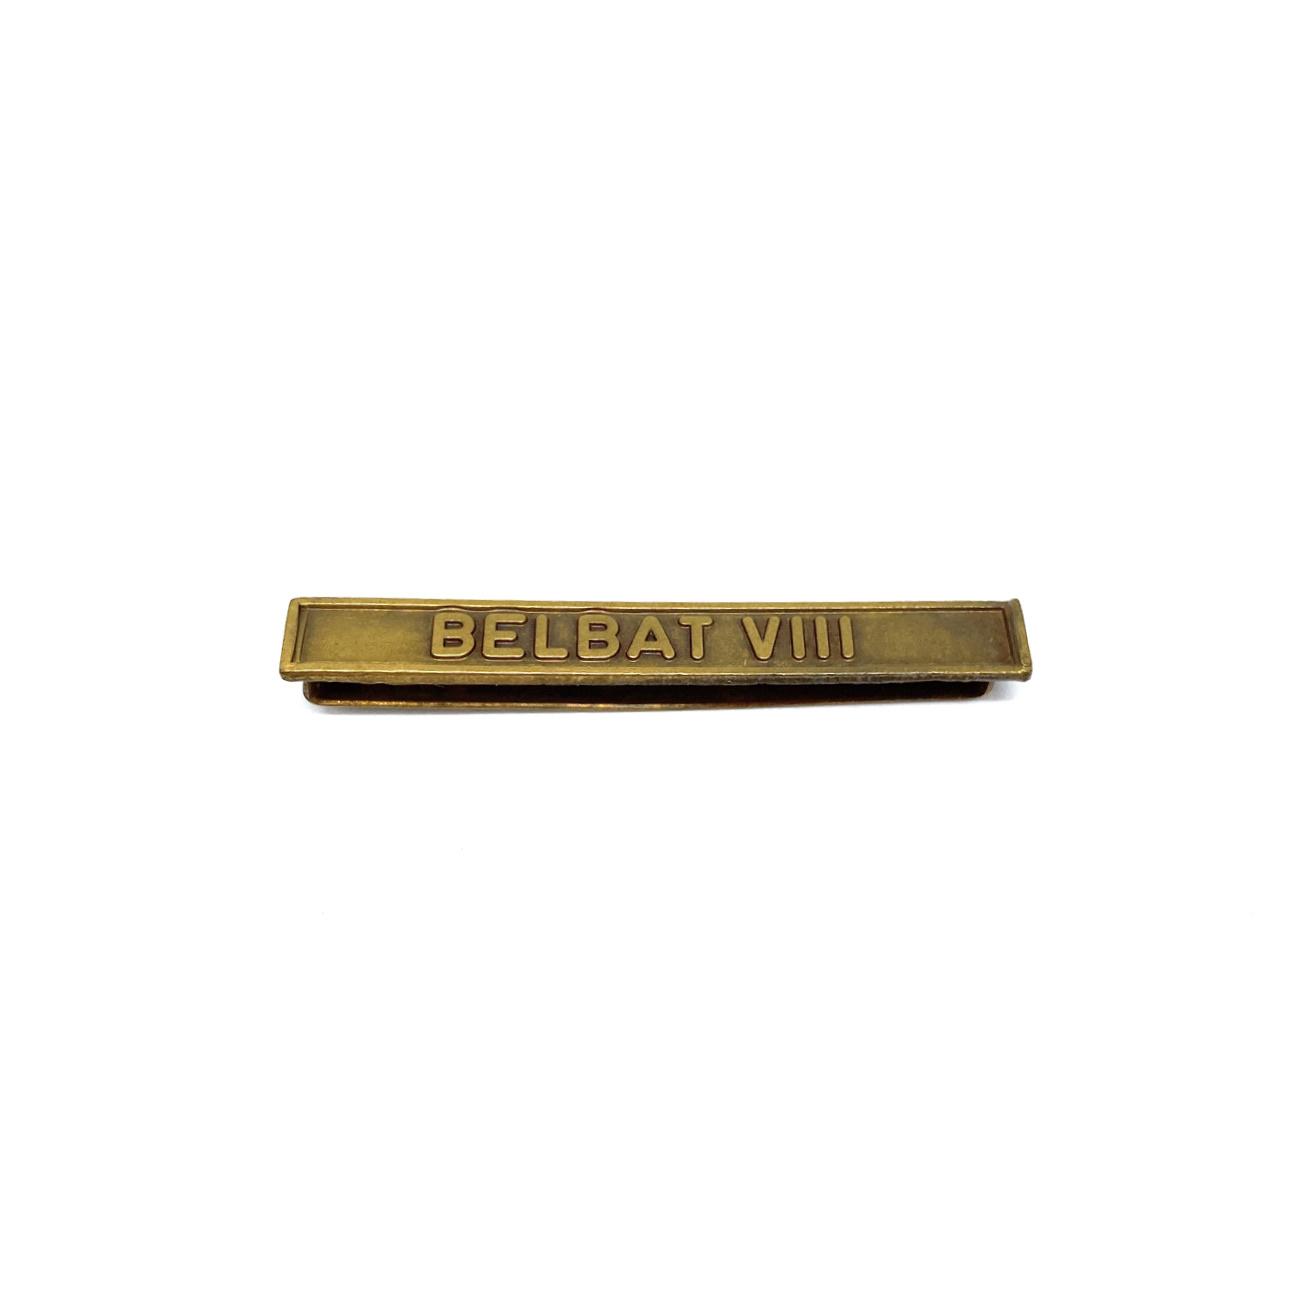 Barrette Belbat VIII pour décorations militaires